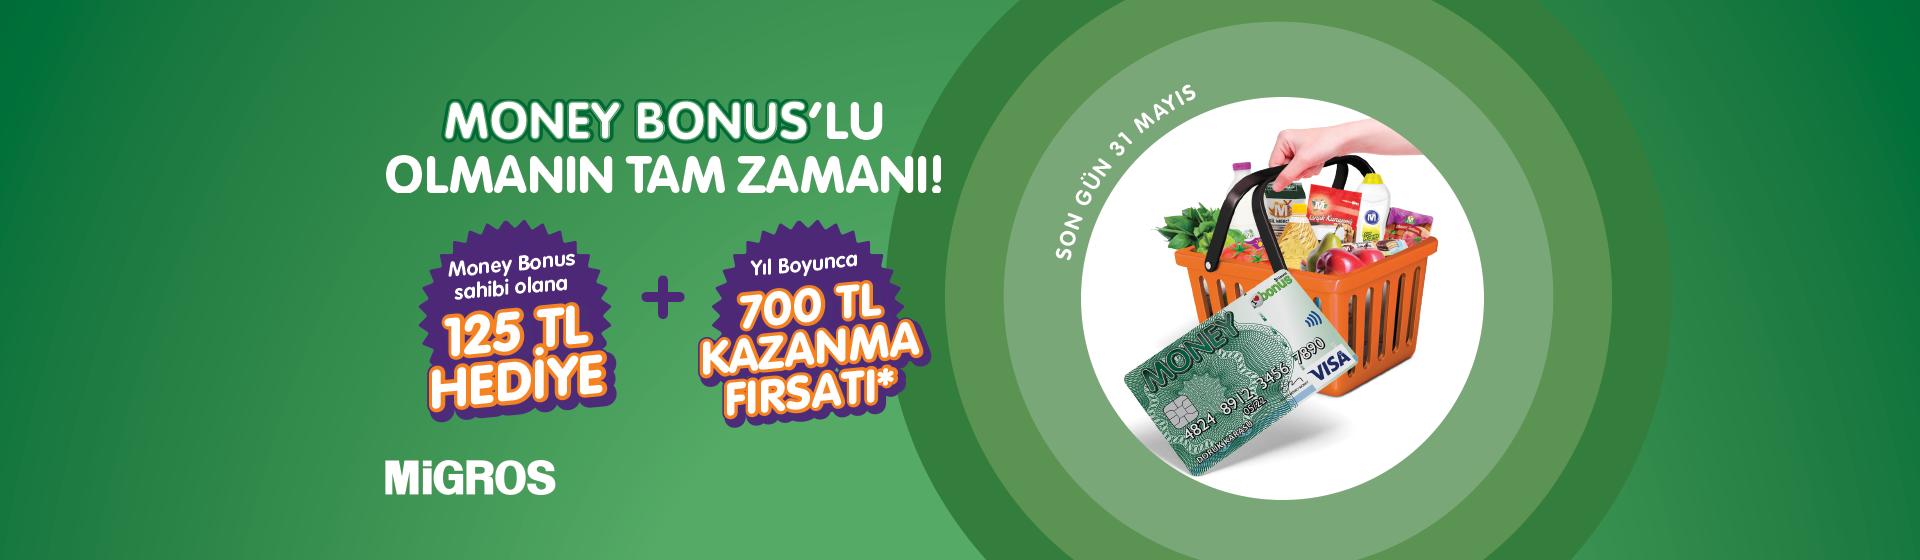 Money Bonus Kampanyası